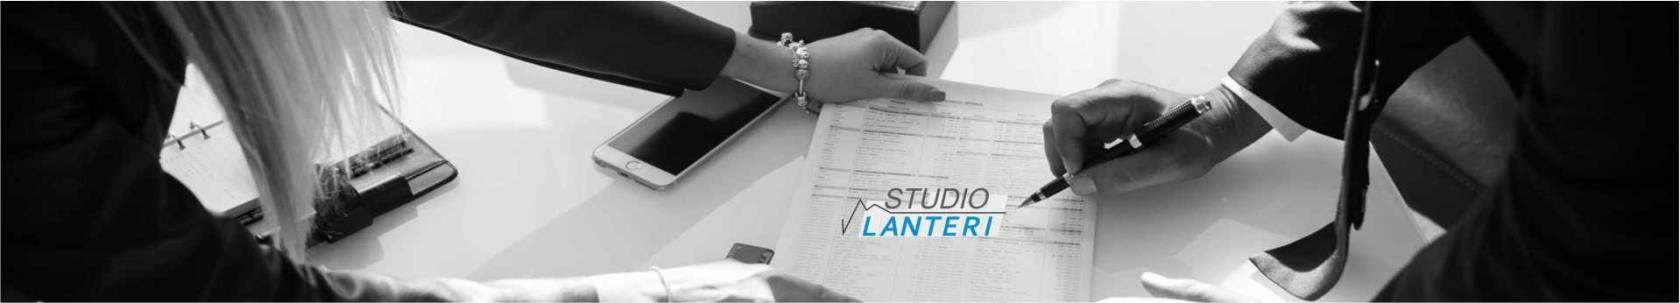 Consulenza Finanziaria Arma di Taggia Imperia Sanremo Liguria Costa Azzurra | Consulenza finanziaria Milano Lombardia | STUDIO LANTERI